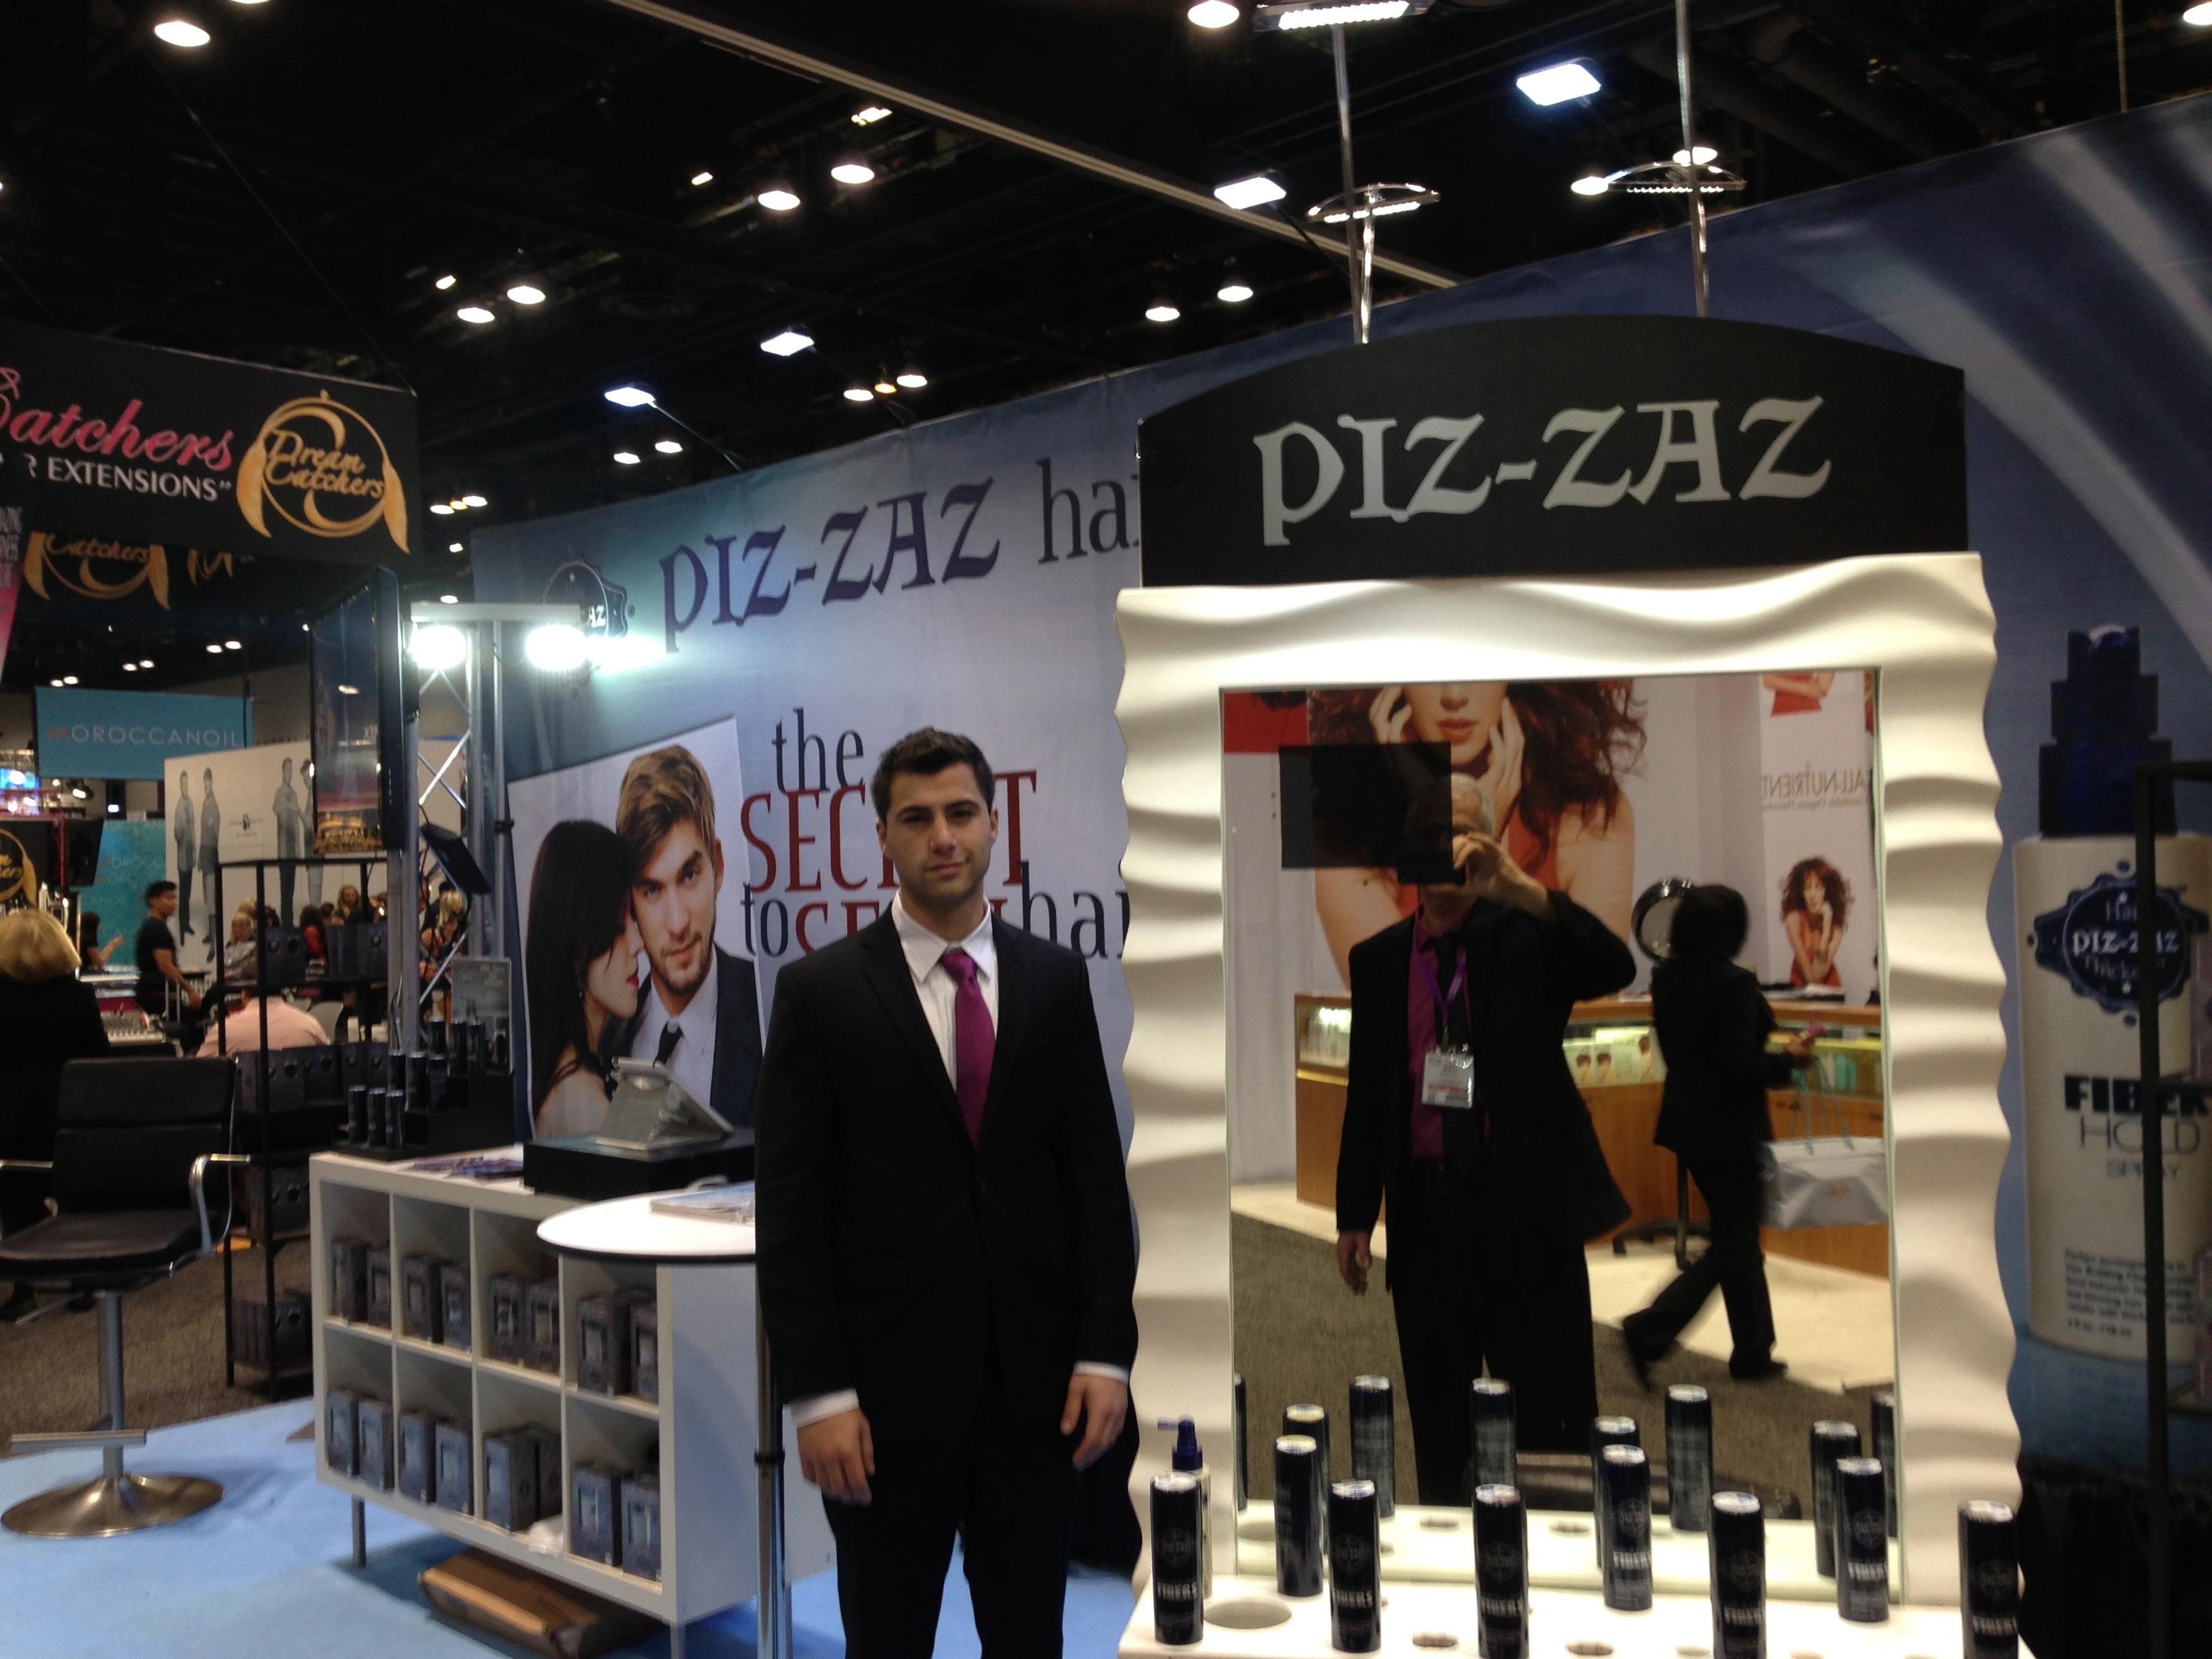 piz-zaz-hair-fibers2.jpg